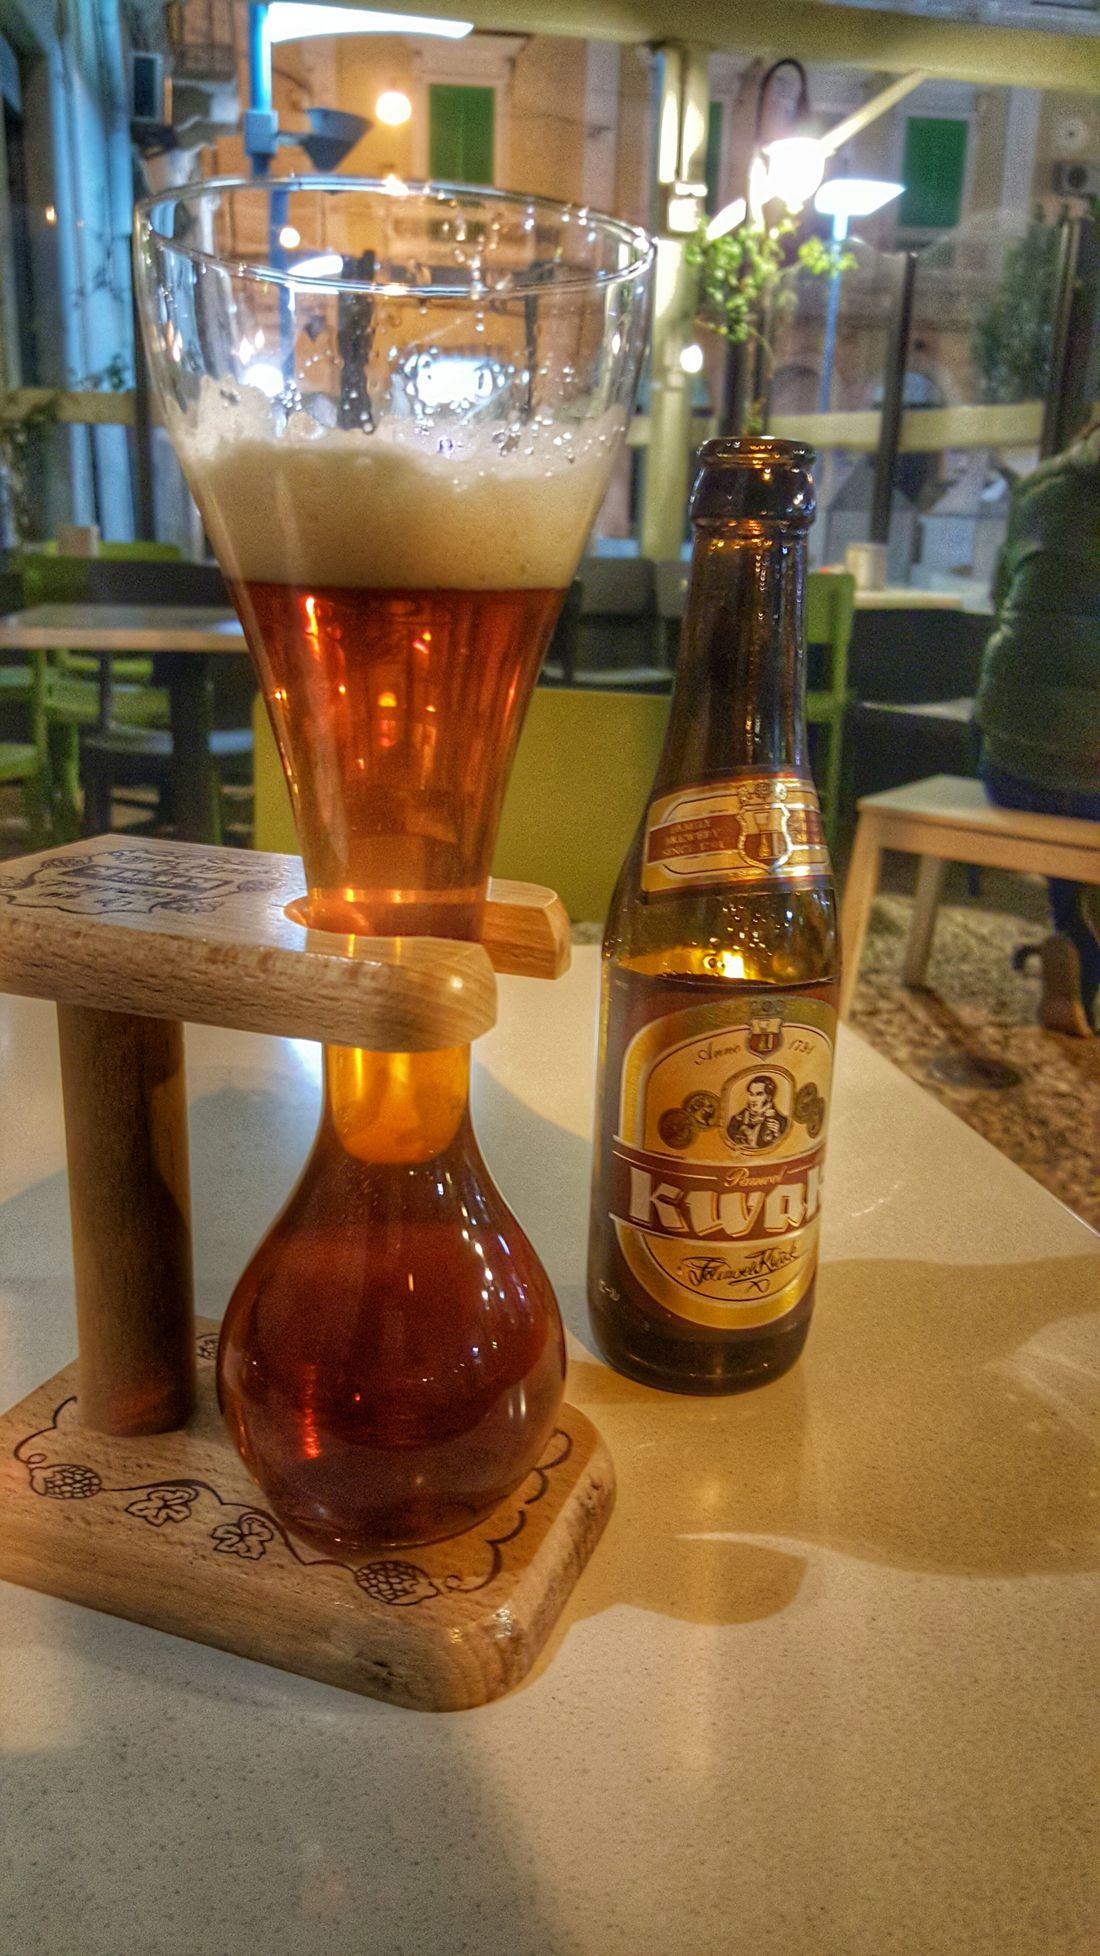 Beer Time Kwak Kwakufestival Beer O'clock Beerpong Beerlover Beerlove Beer! Beer Beertime Drinking Beer Drink Time Drinking Time